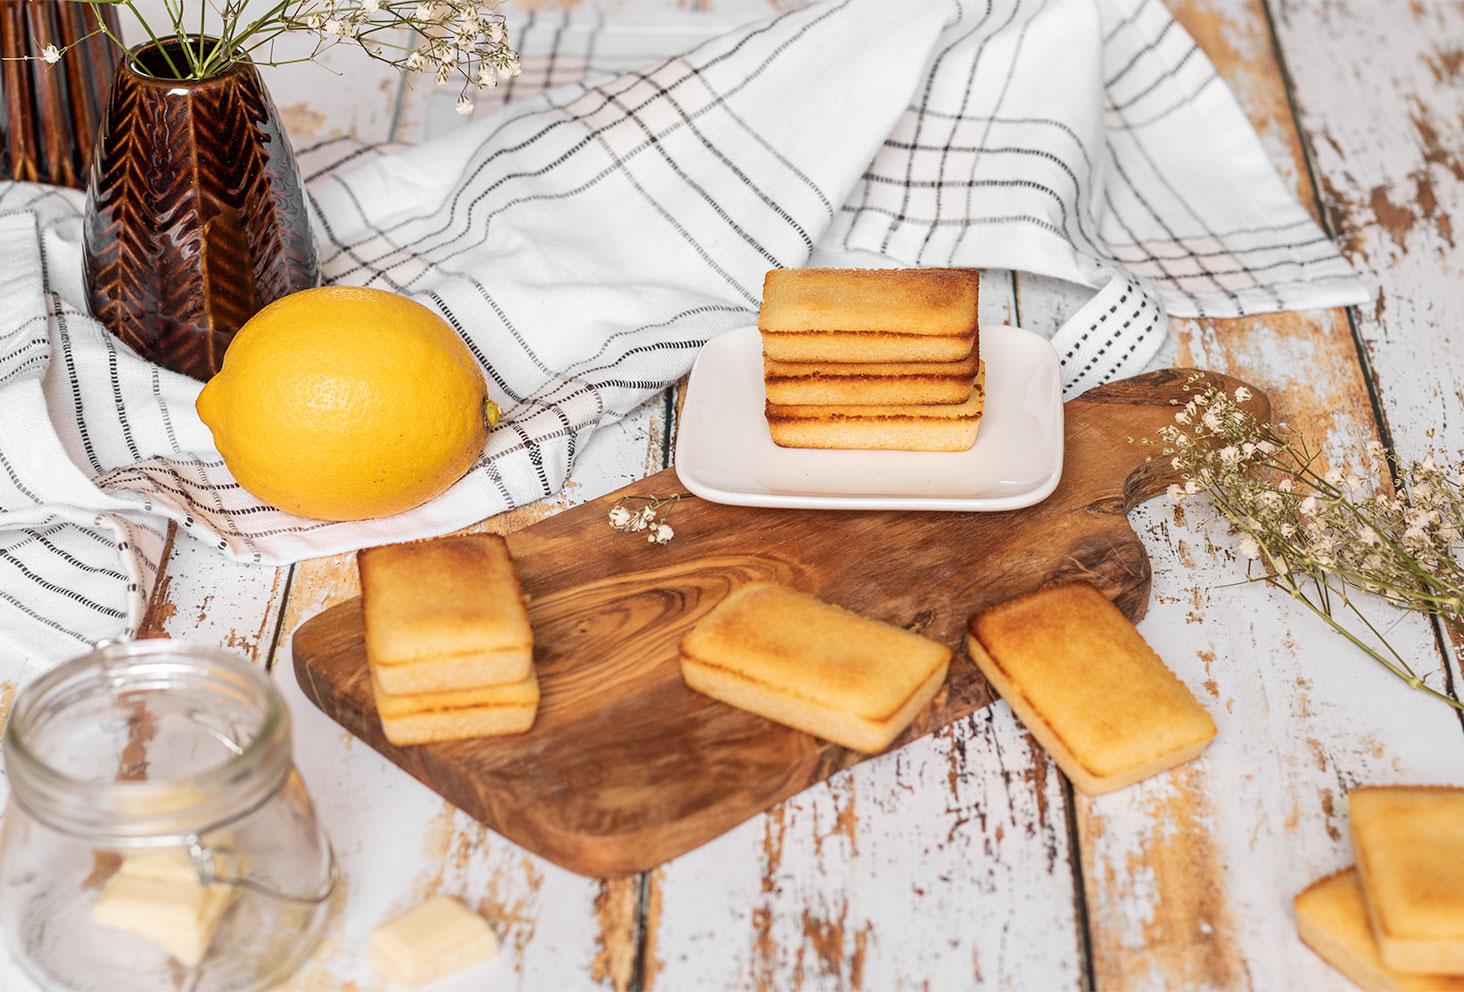 Des petits financiers faciles à réaliser, au citron et chocolat blanc, posés sur une table en bois blanche vintage, dans un décor de cuisine authentique